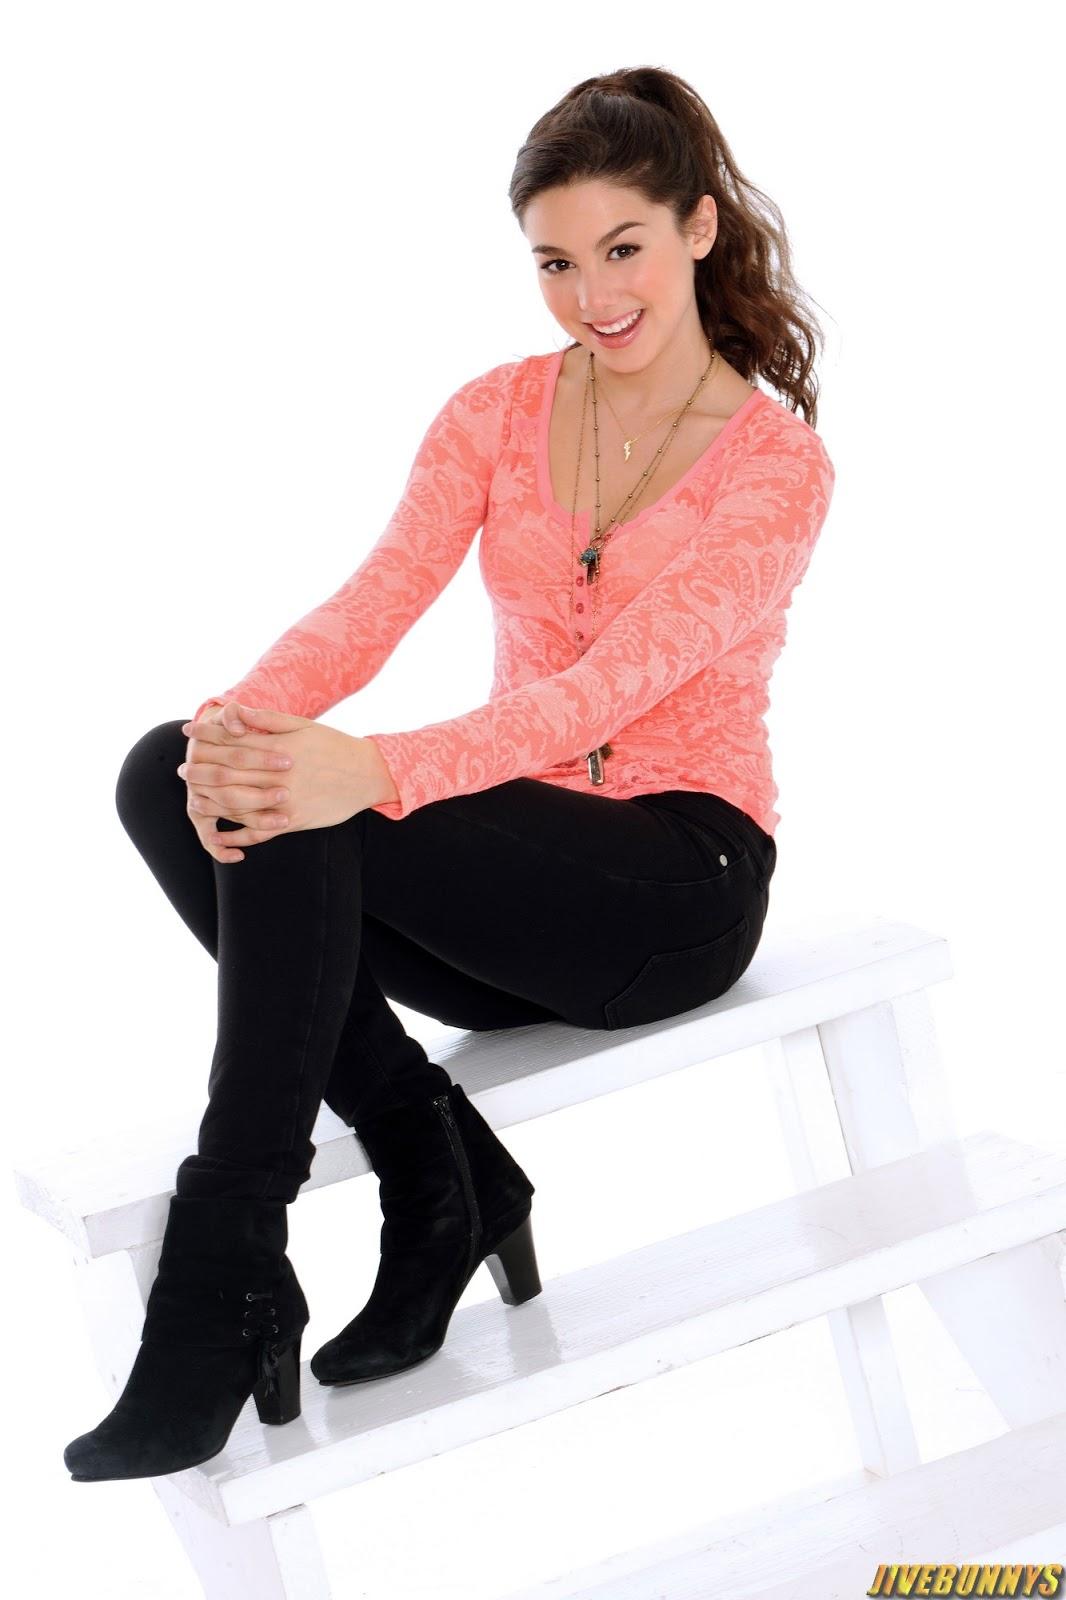 kira kosarin singer and actress photos gallery 1